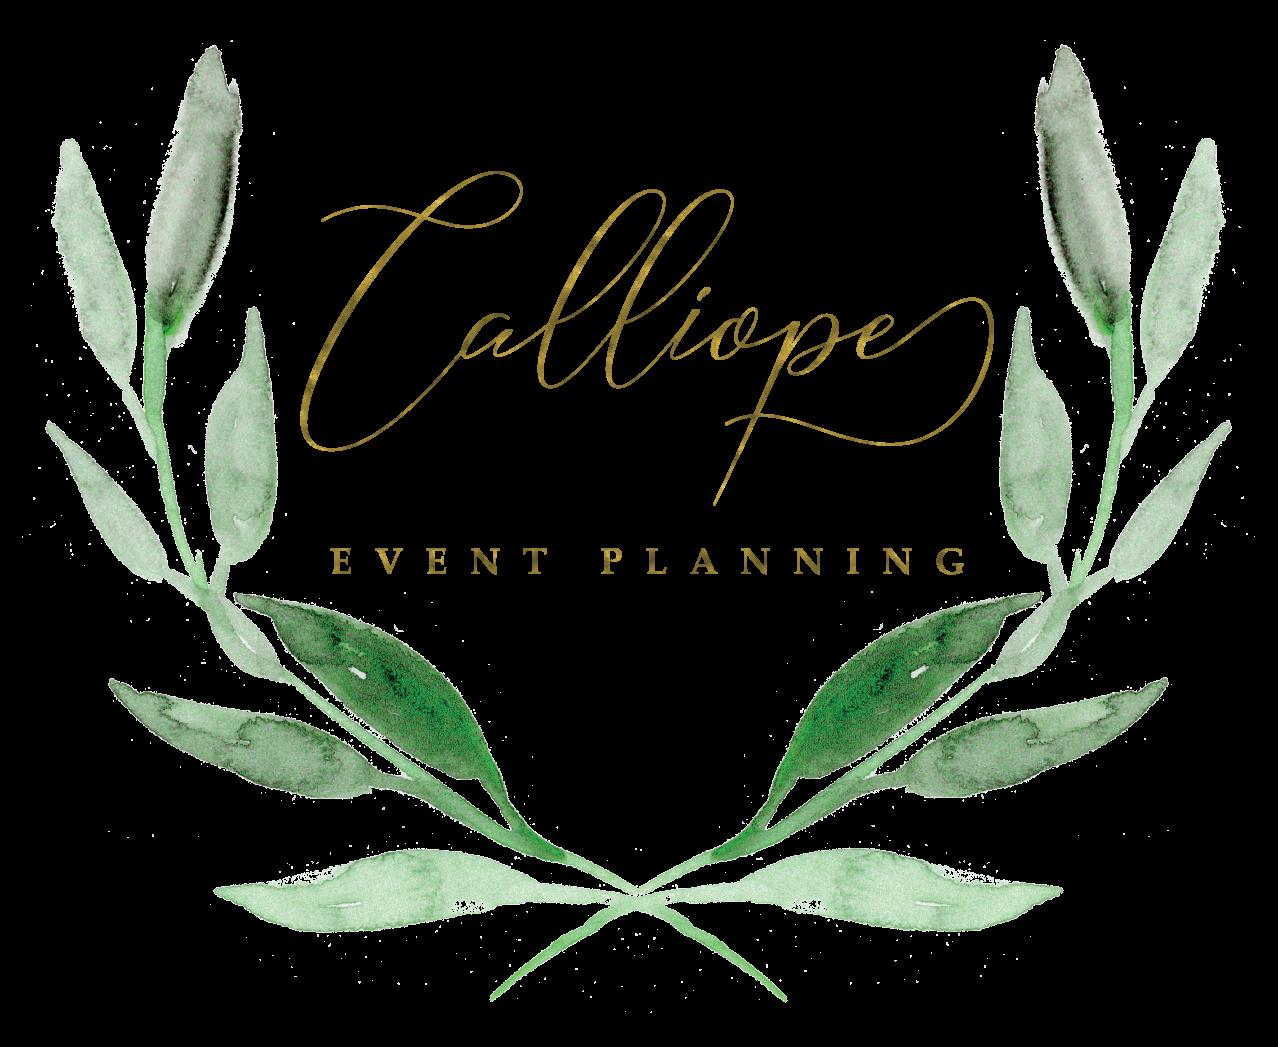 Calliope Event Planning